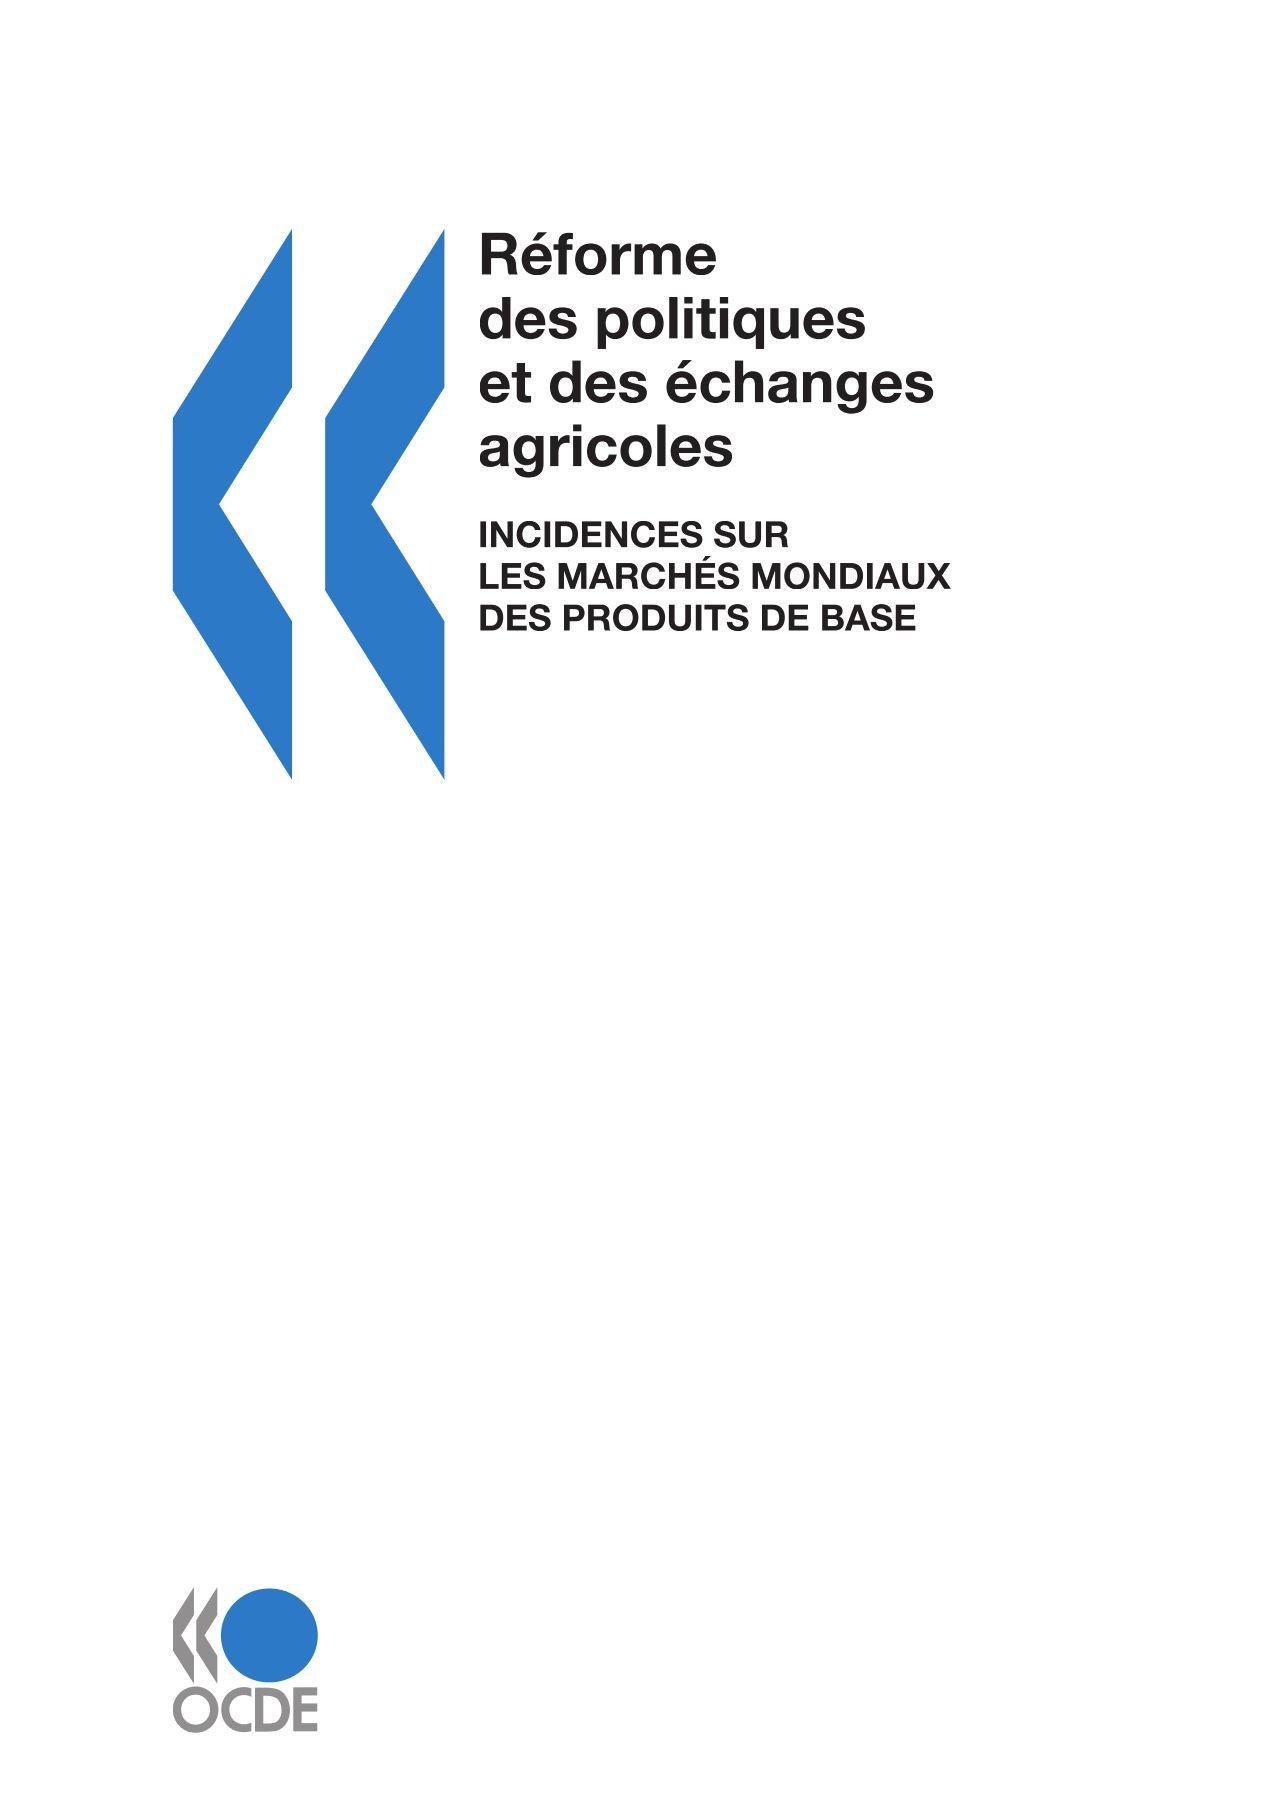 Réforme des politiques et des échanges agricoles : Incidences sur les marchés mondiaux des produits de base (French Edition) by OECD Publishing